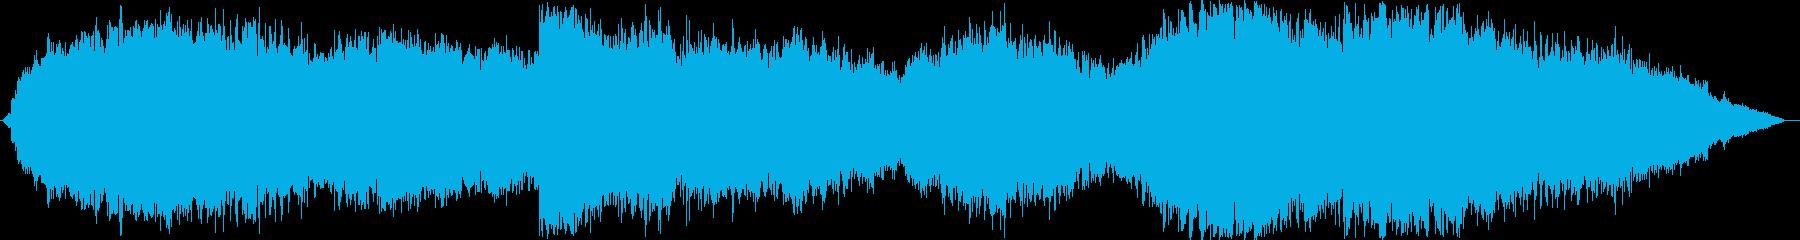 不穏な空気感の音楽 シンセノイズサウンドの再生済みの波形